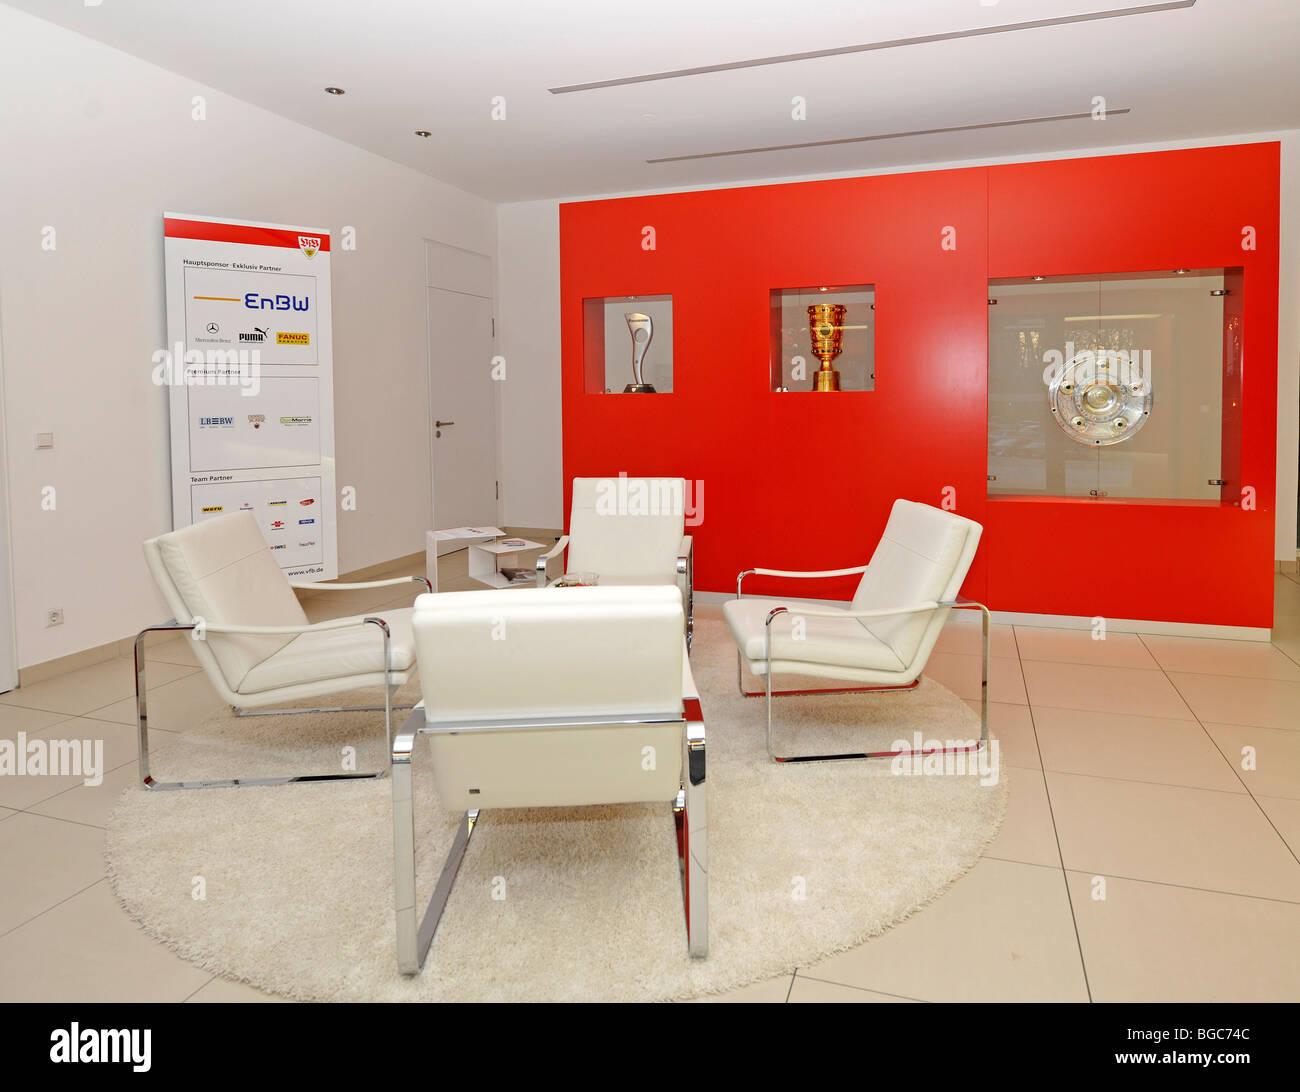 Interior, foyer, office of the VfB Stuttgart football club, Stuttgart, Baden-Wuerttemberg, Germany, Europe - Stock Image